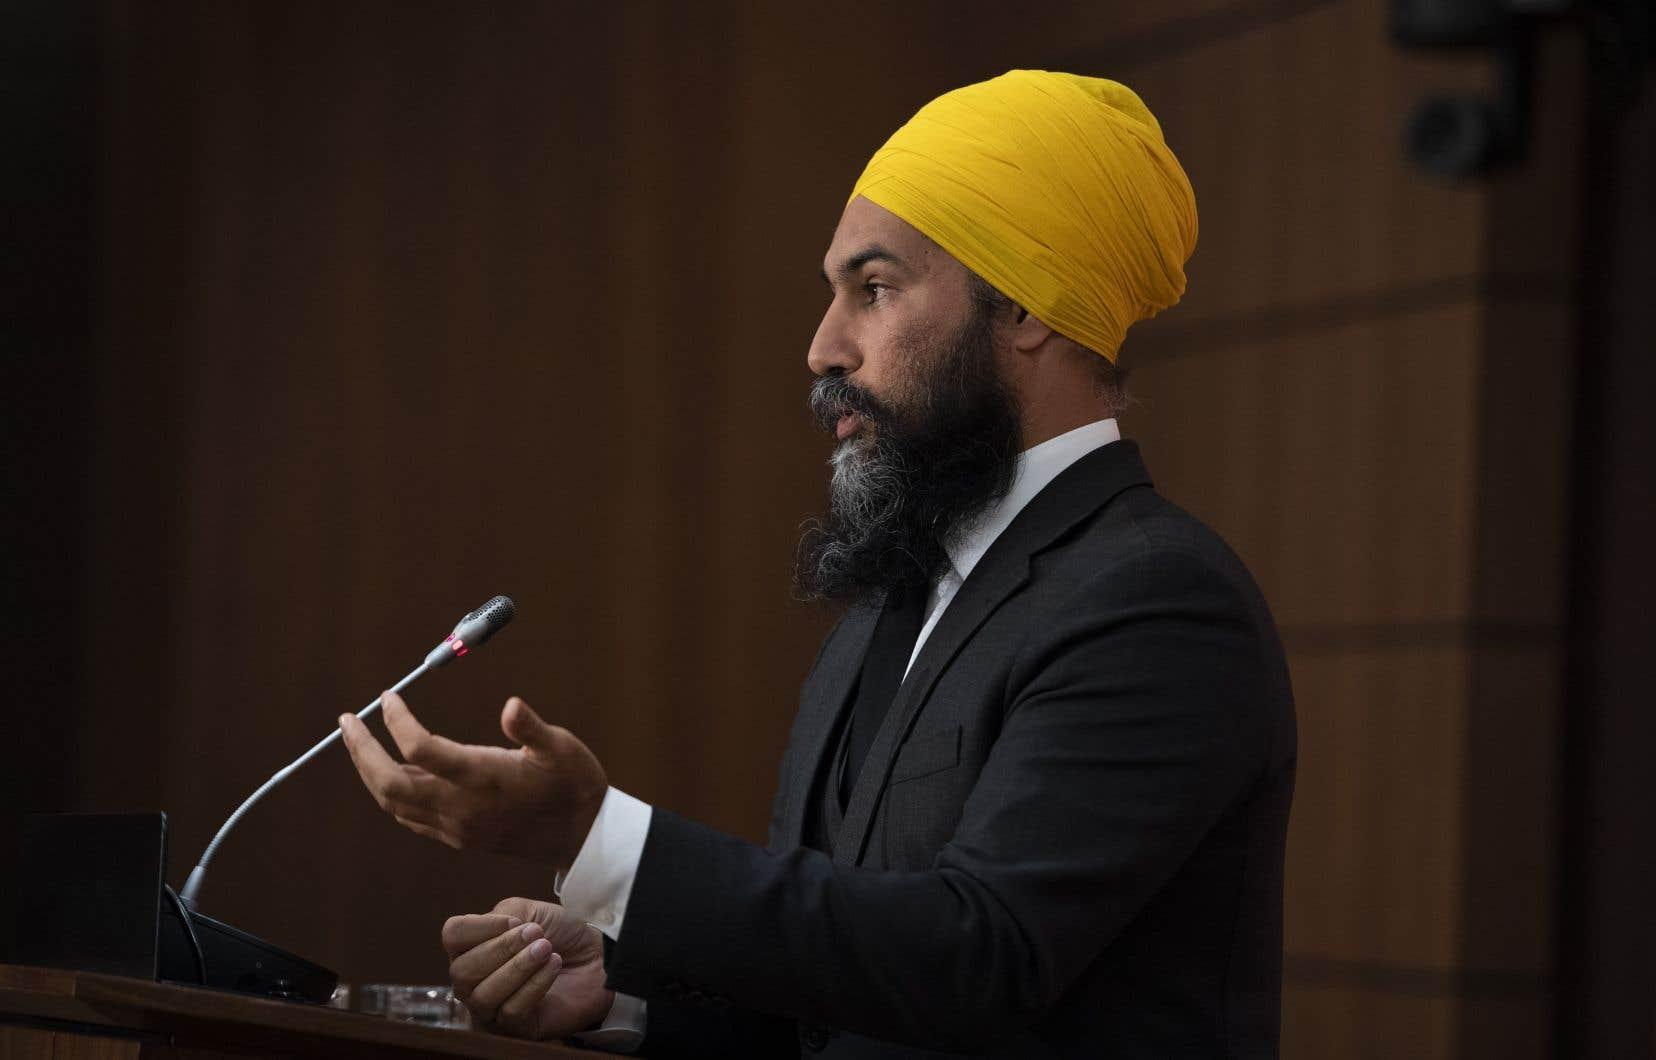 «C'est vrai, je l'ai appelé un raciste et je le crois!» a dit Jagmeet Singh, se levant à son tour. Et «je ne vais pas [m'excuser]», a-t-il renchéri après qu'on lui ait demandé de le faire.